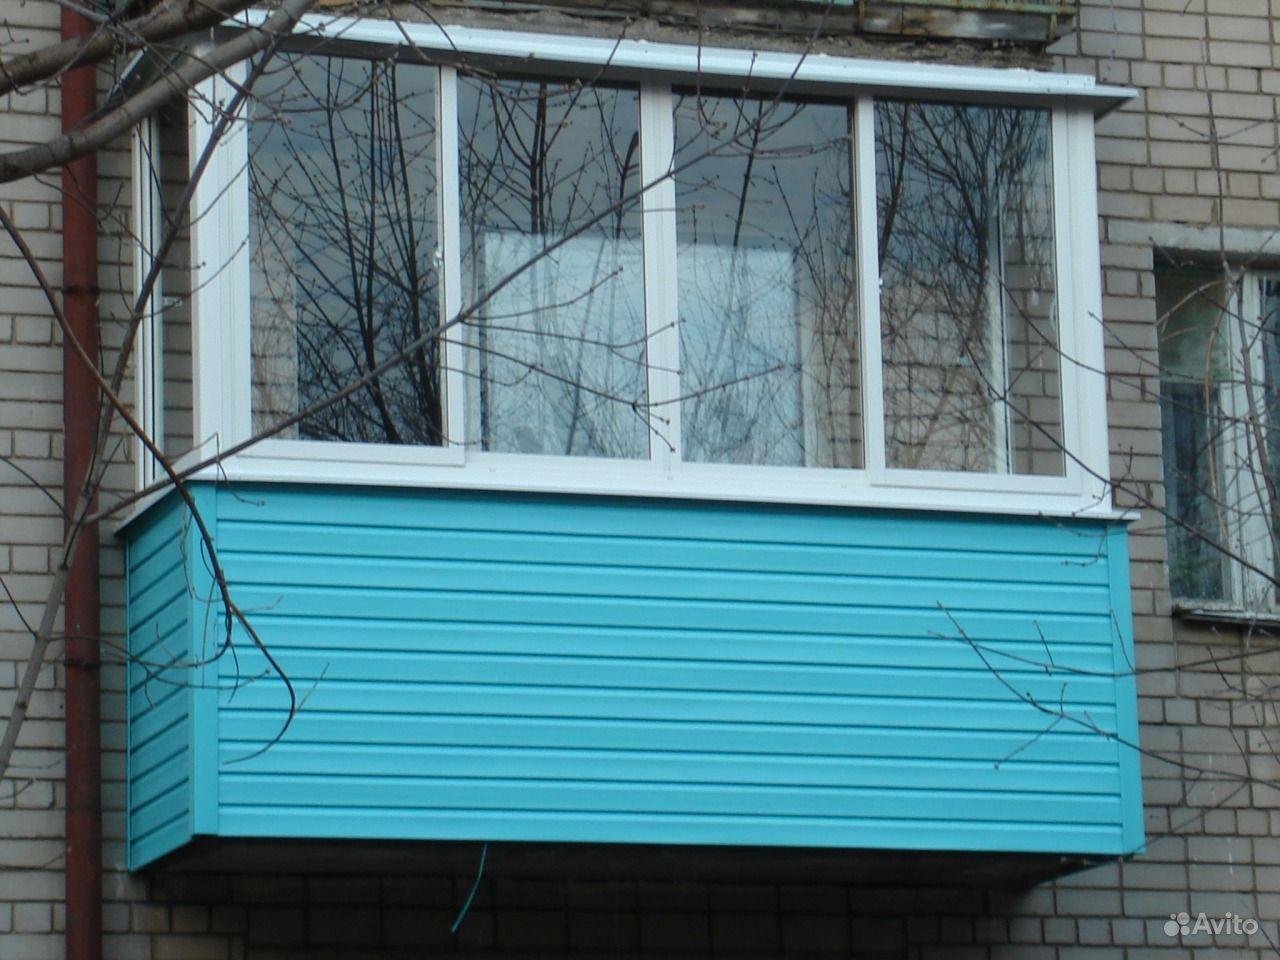 Пластиковые окна-балконы под ключ без посредников в Чебоксар.